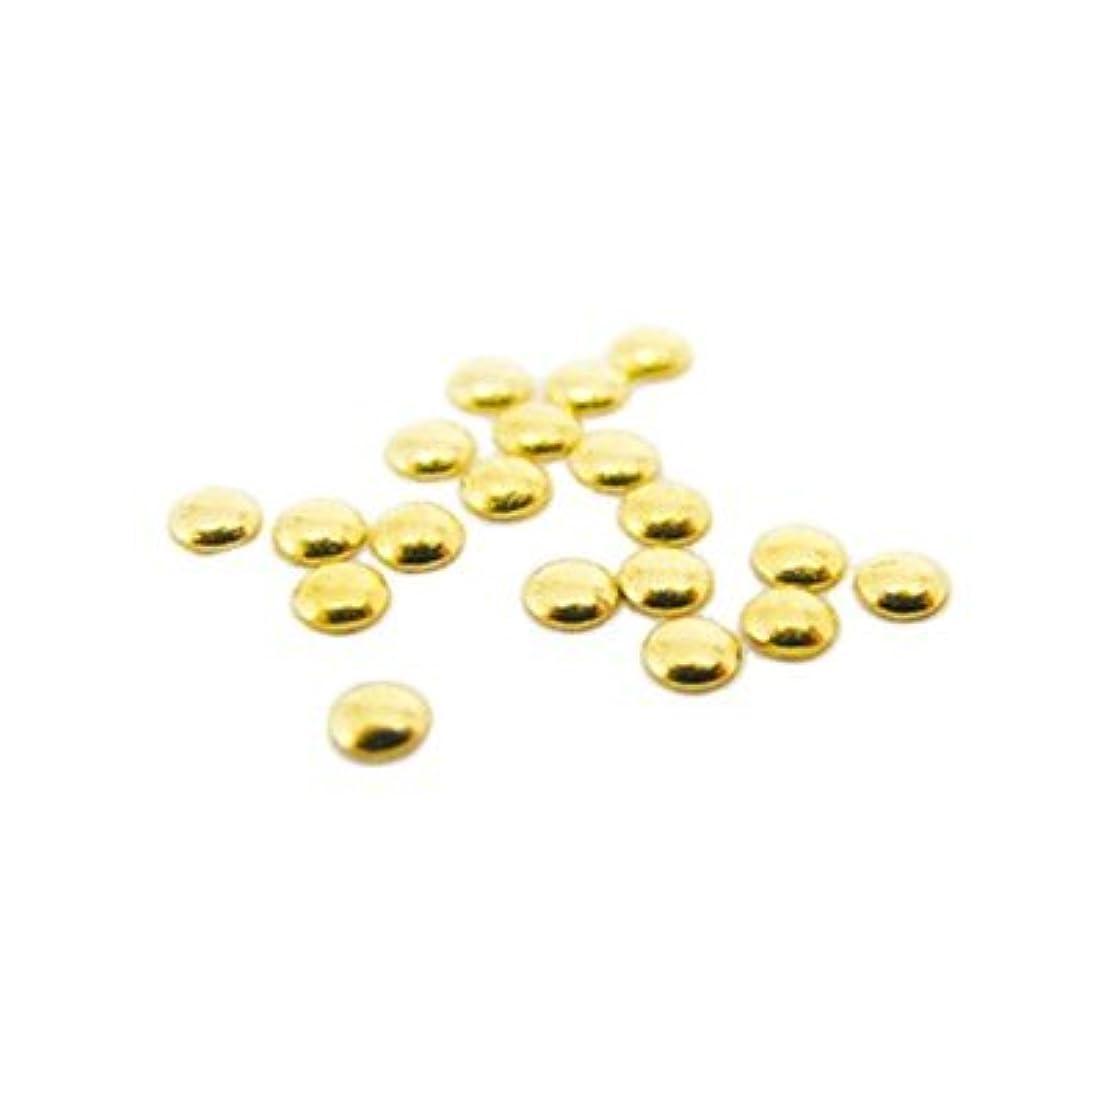 もろいレーダー容疑者ピアドラ スタッズ 1.2mm 50P ゴールド